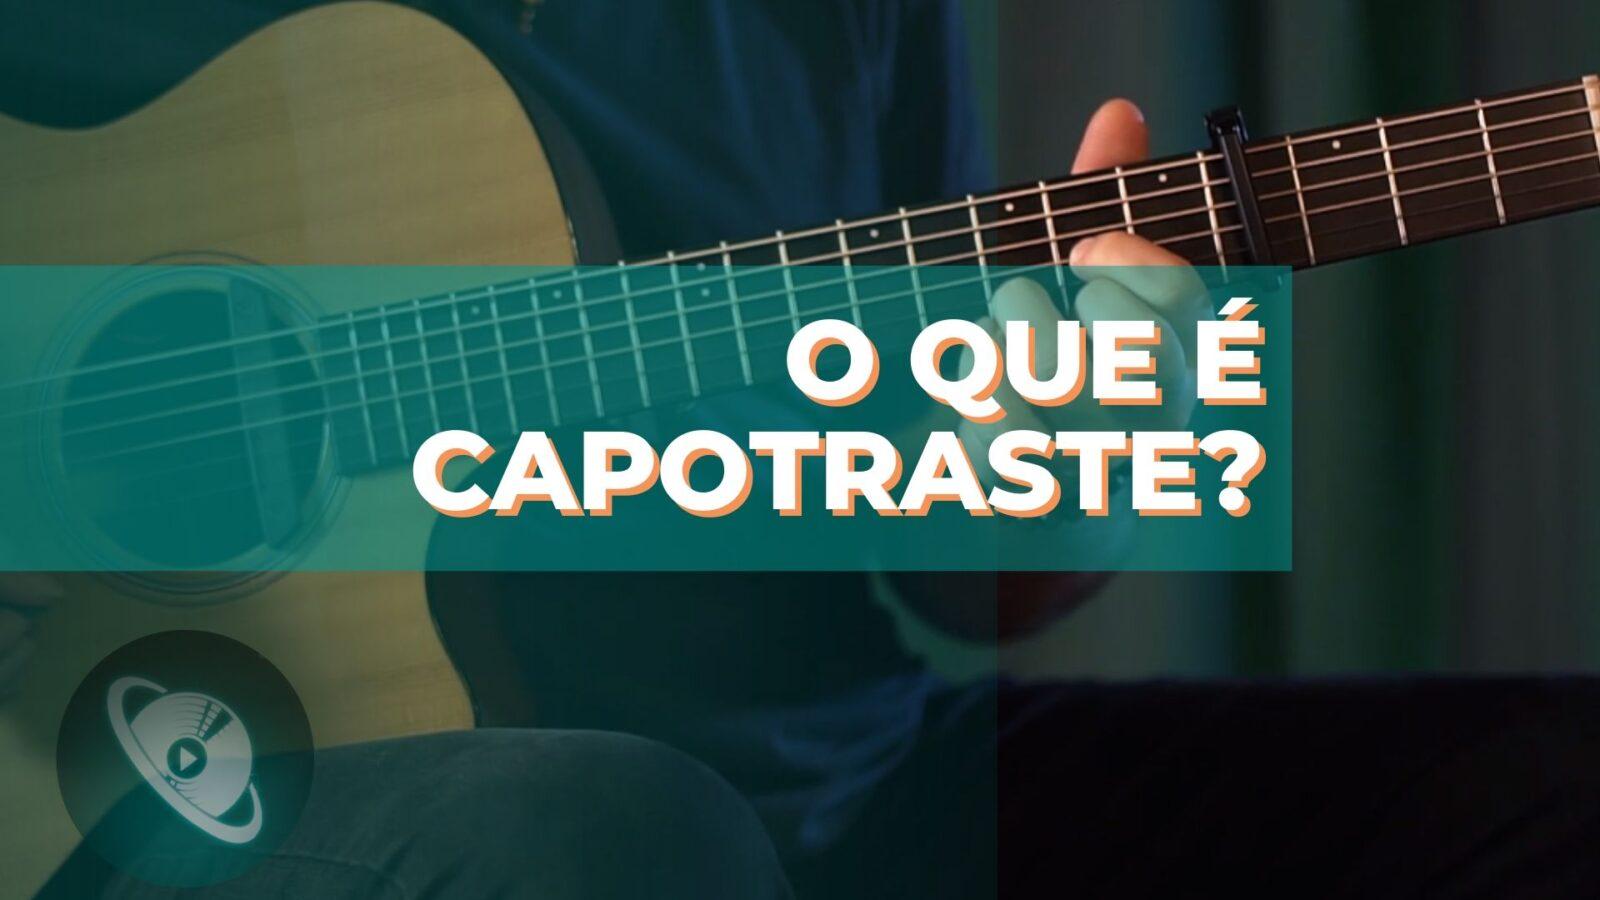 O que é capotraste? Aprenda a usar esse acessório corretamente - Planeta Música. entender o que é e para que serve o capotraste seguindo algumas dicas do violonista Jonathas Ferreira, professor do Planeta Música.